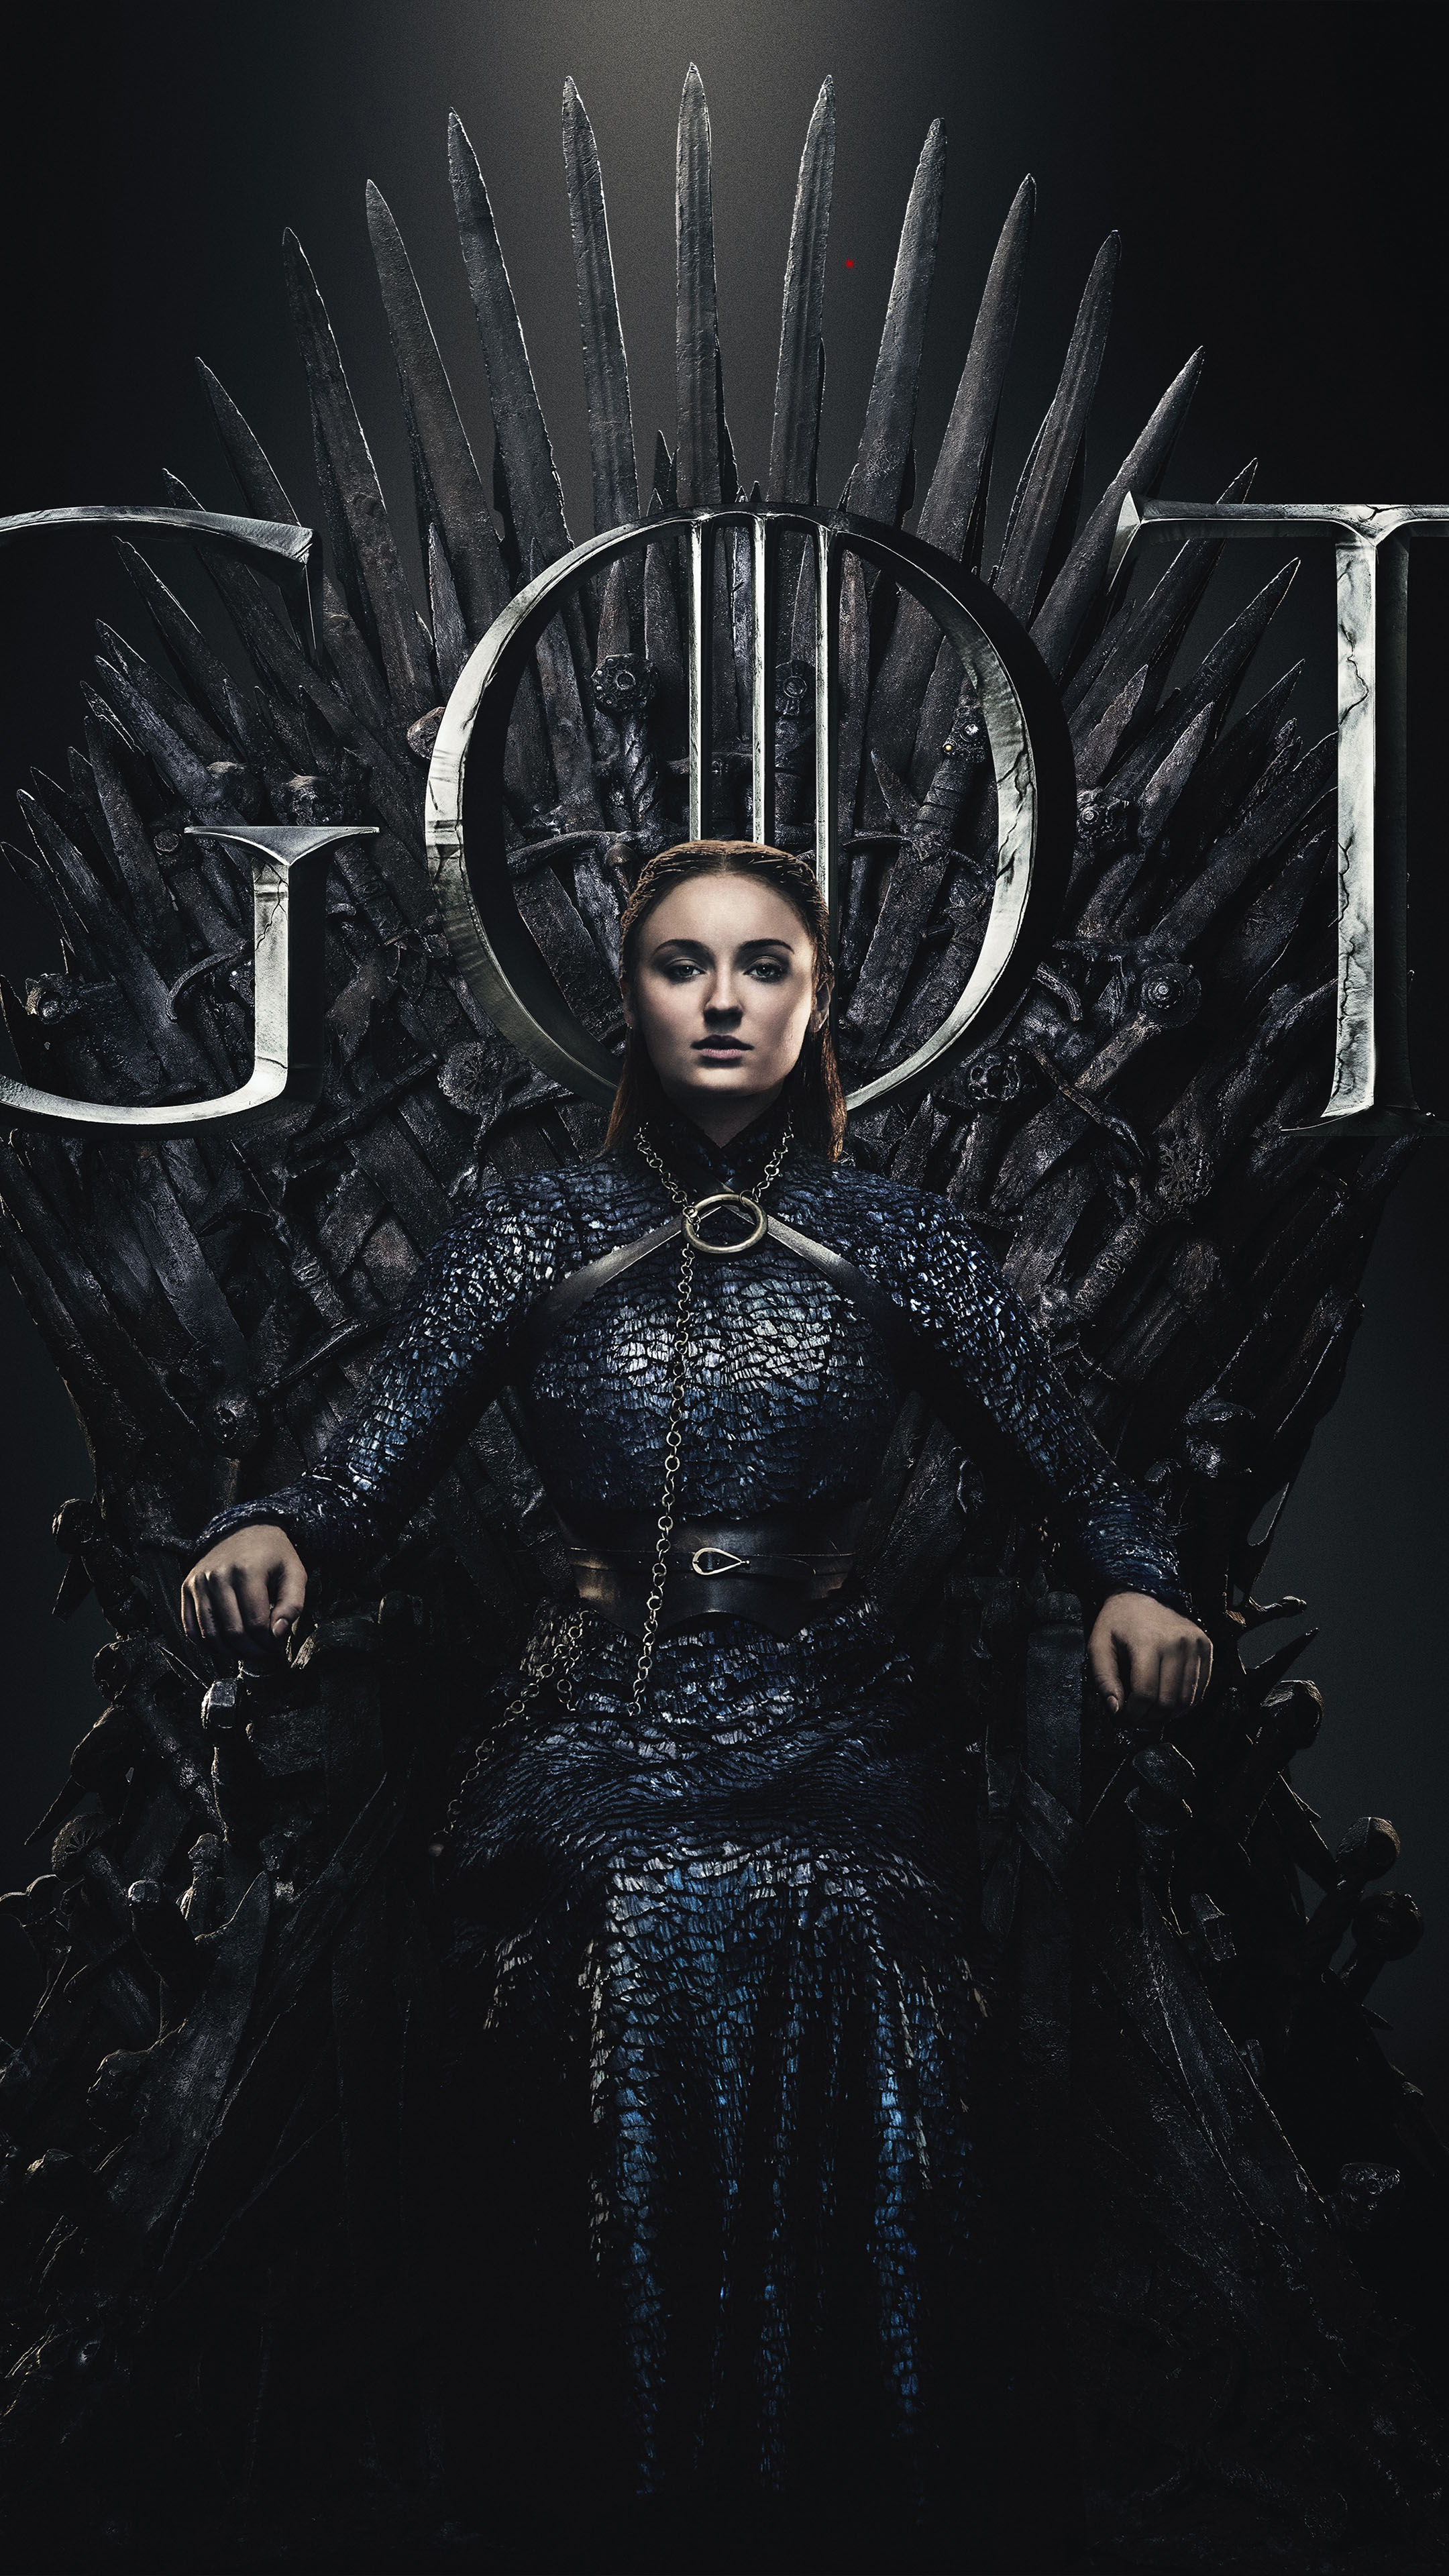 Ảnh đẹp 4k dành cho điện thoại - GOT Sansa Stark